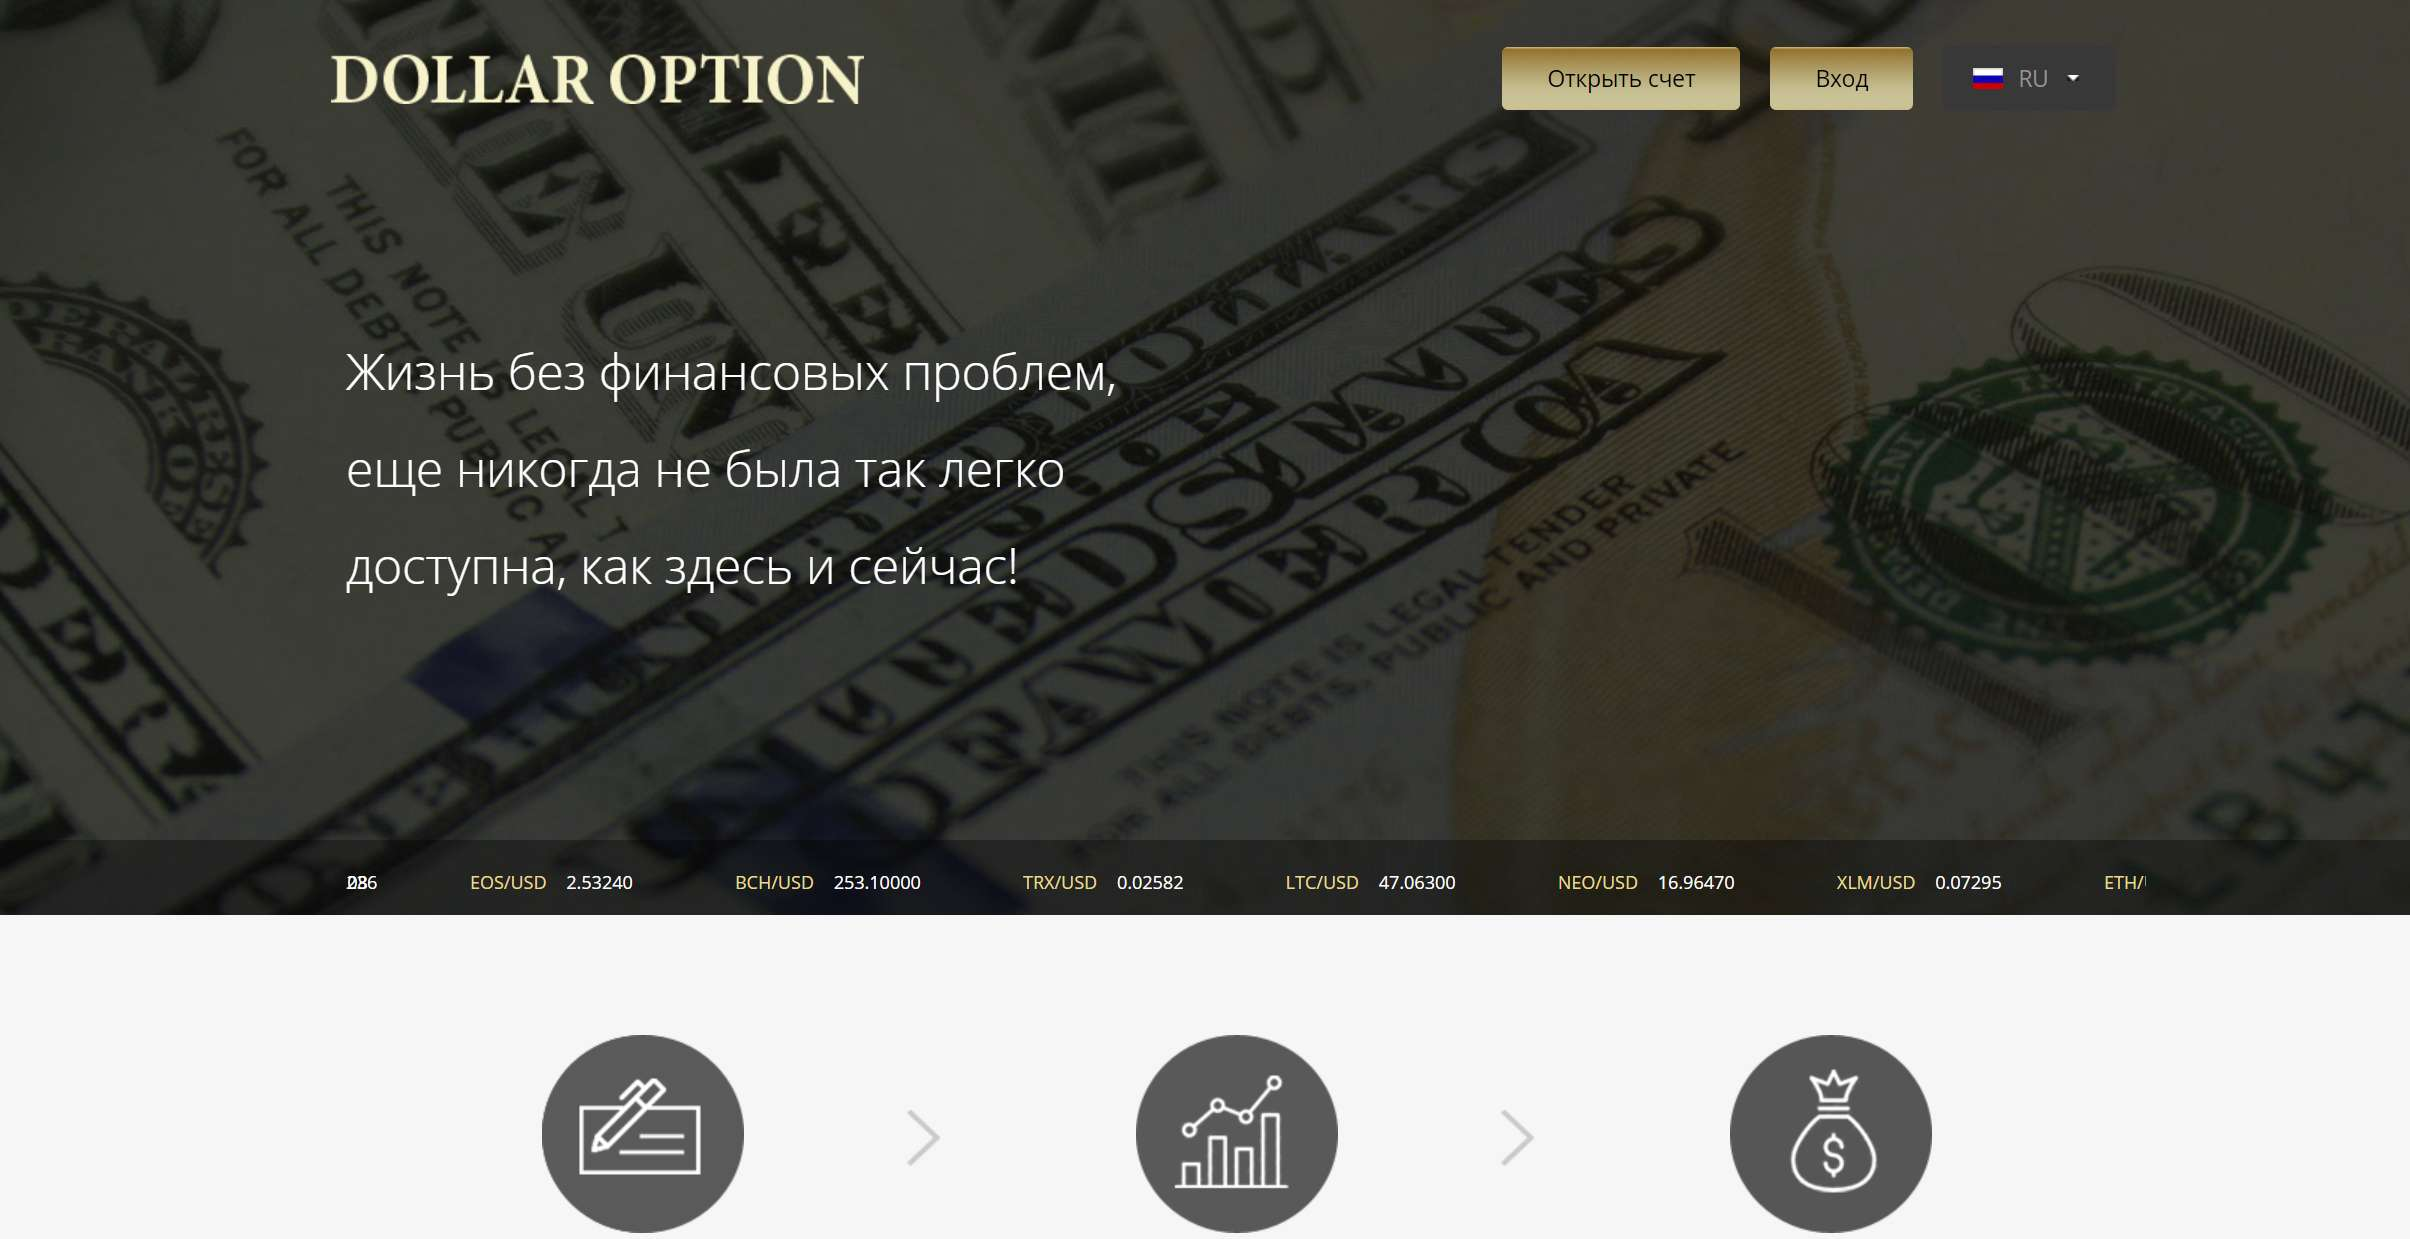 Обзор Dollar Option. Клон - лохотрон! очередной сайт мошенников, отзывы и обзор.